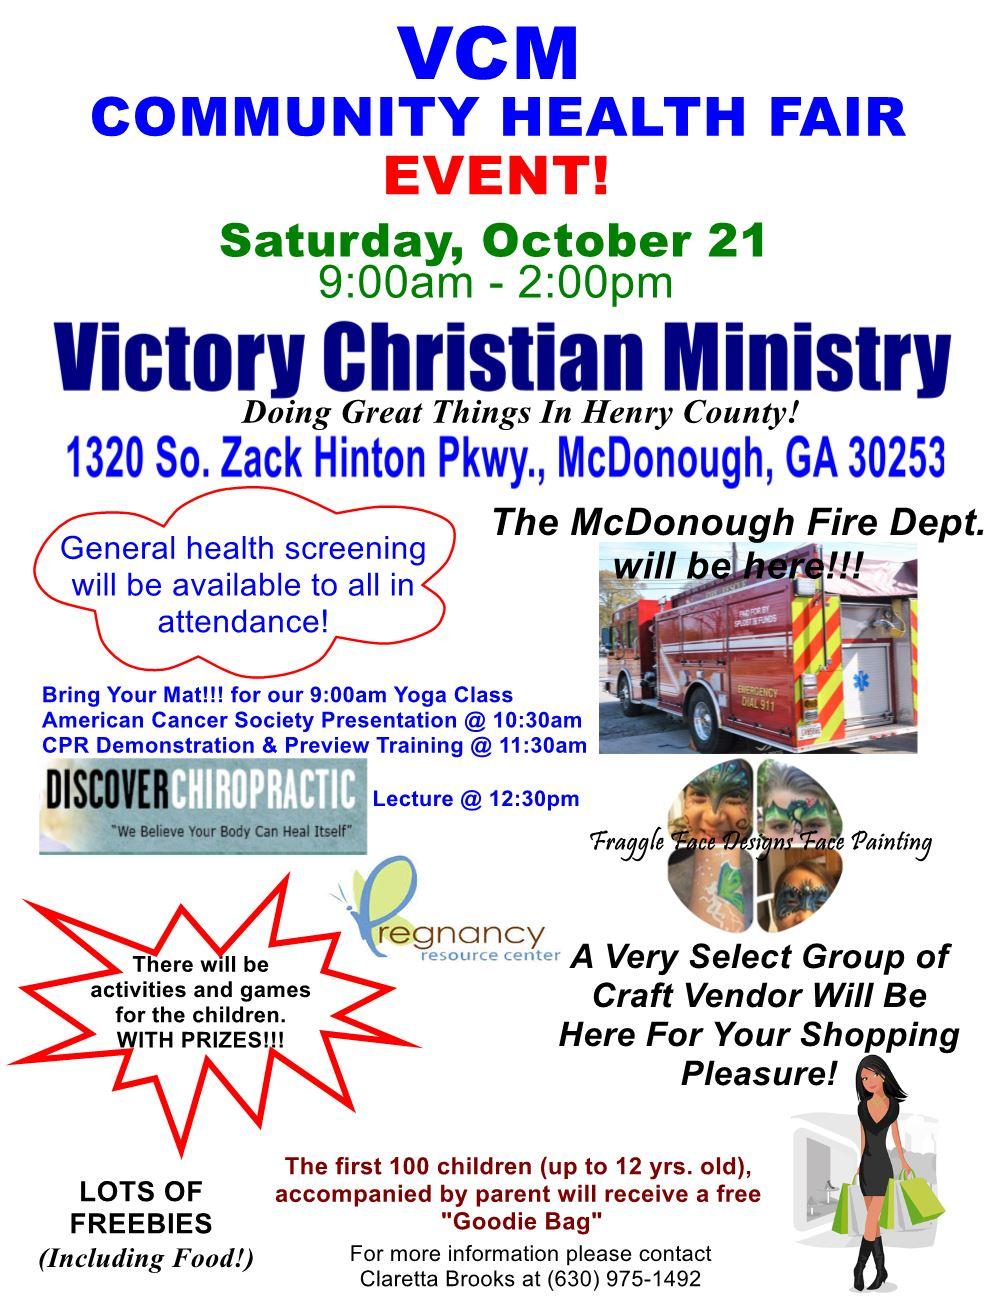 VCM Community Health Fair